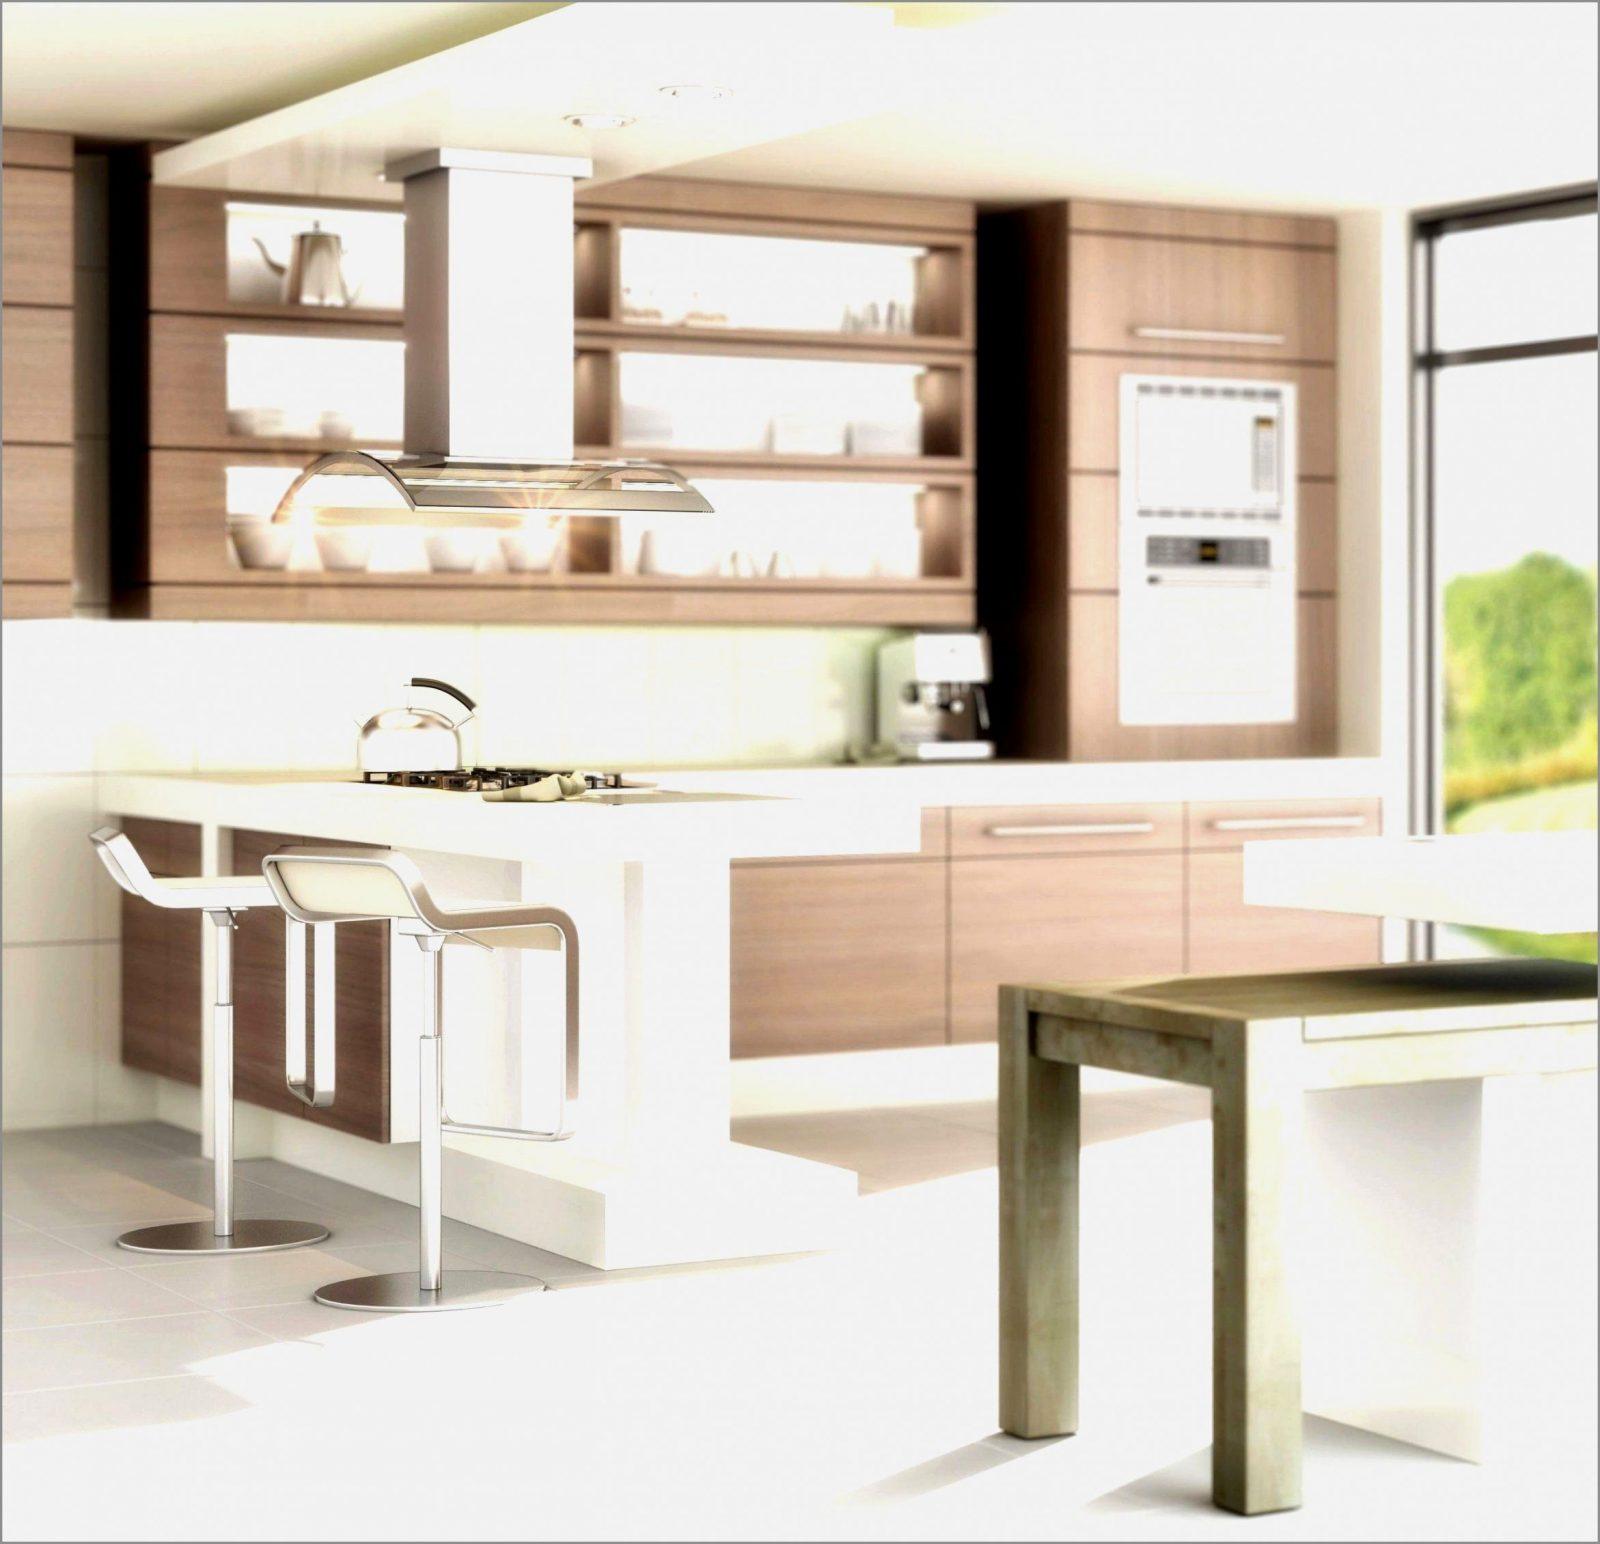 Ikea Beistelltisch Kche Neu Bartisch Fr Kche Interieur Design Von